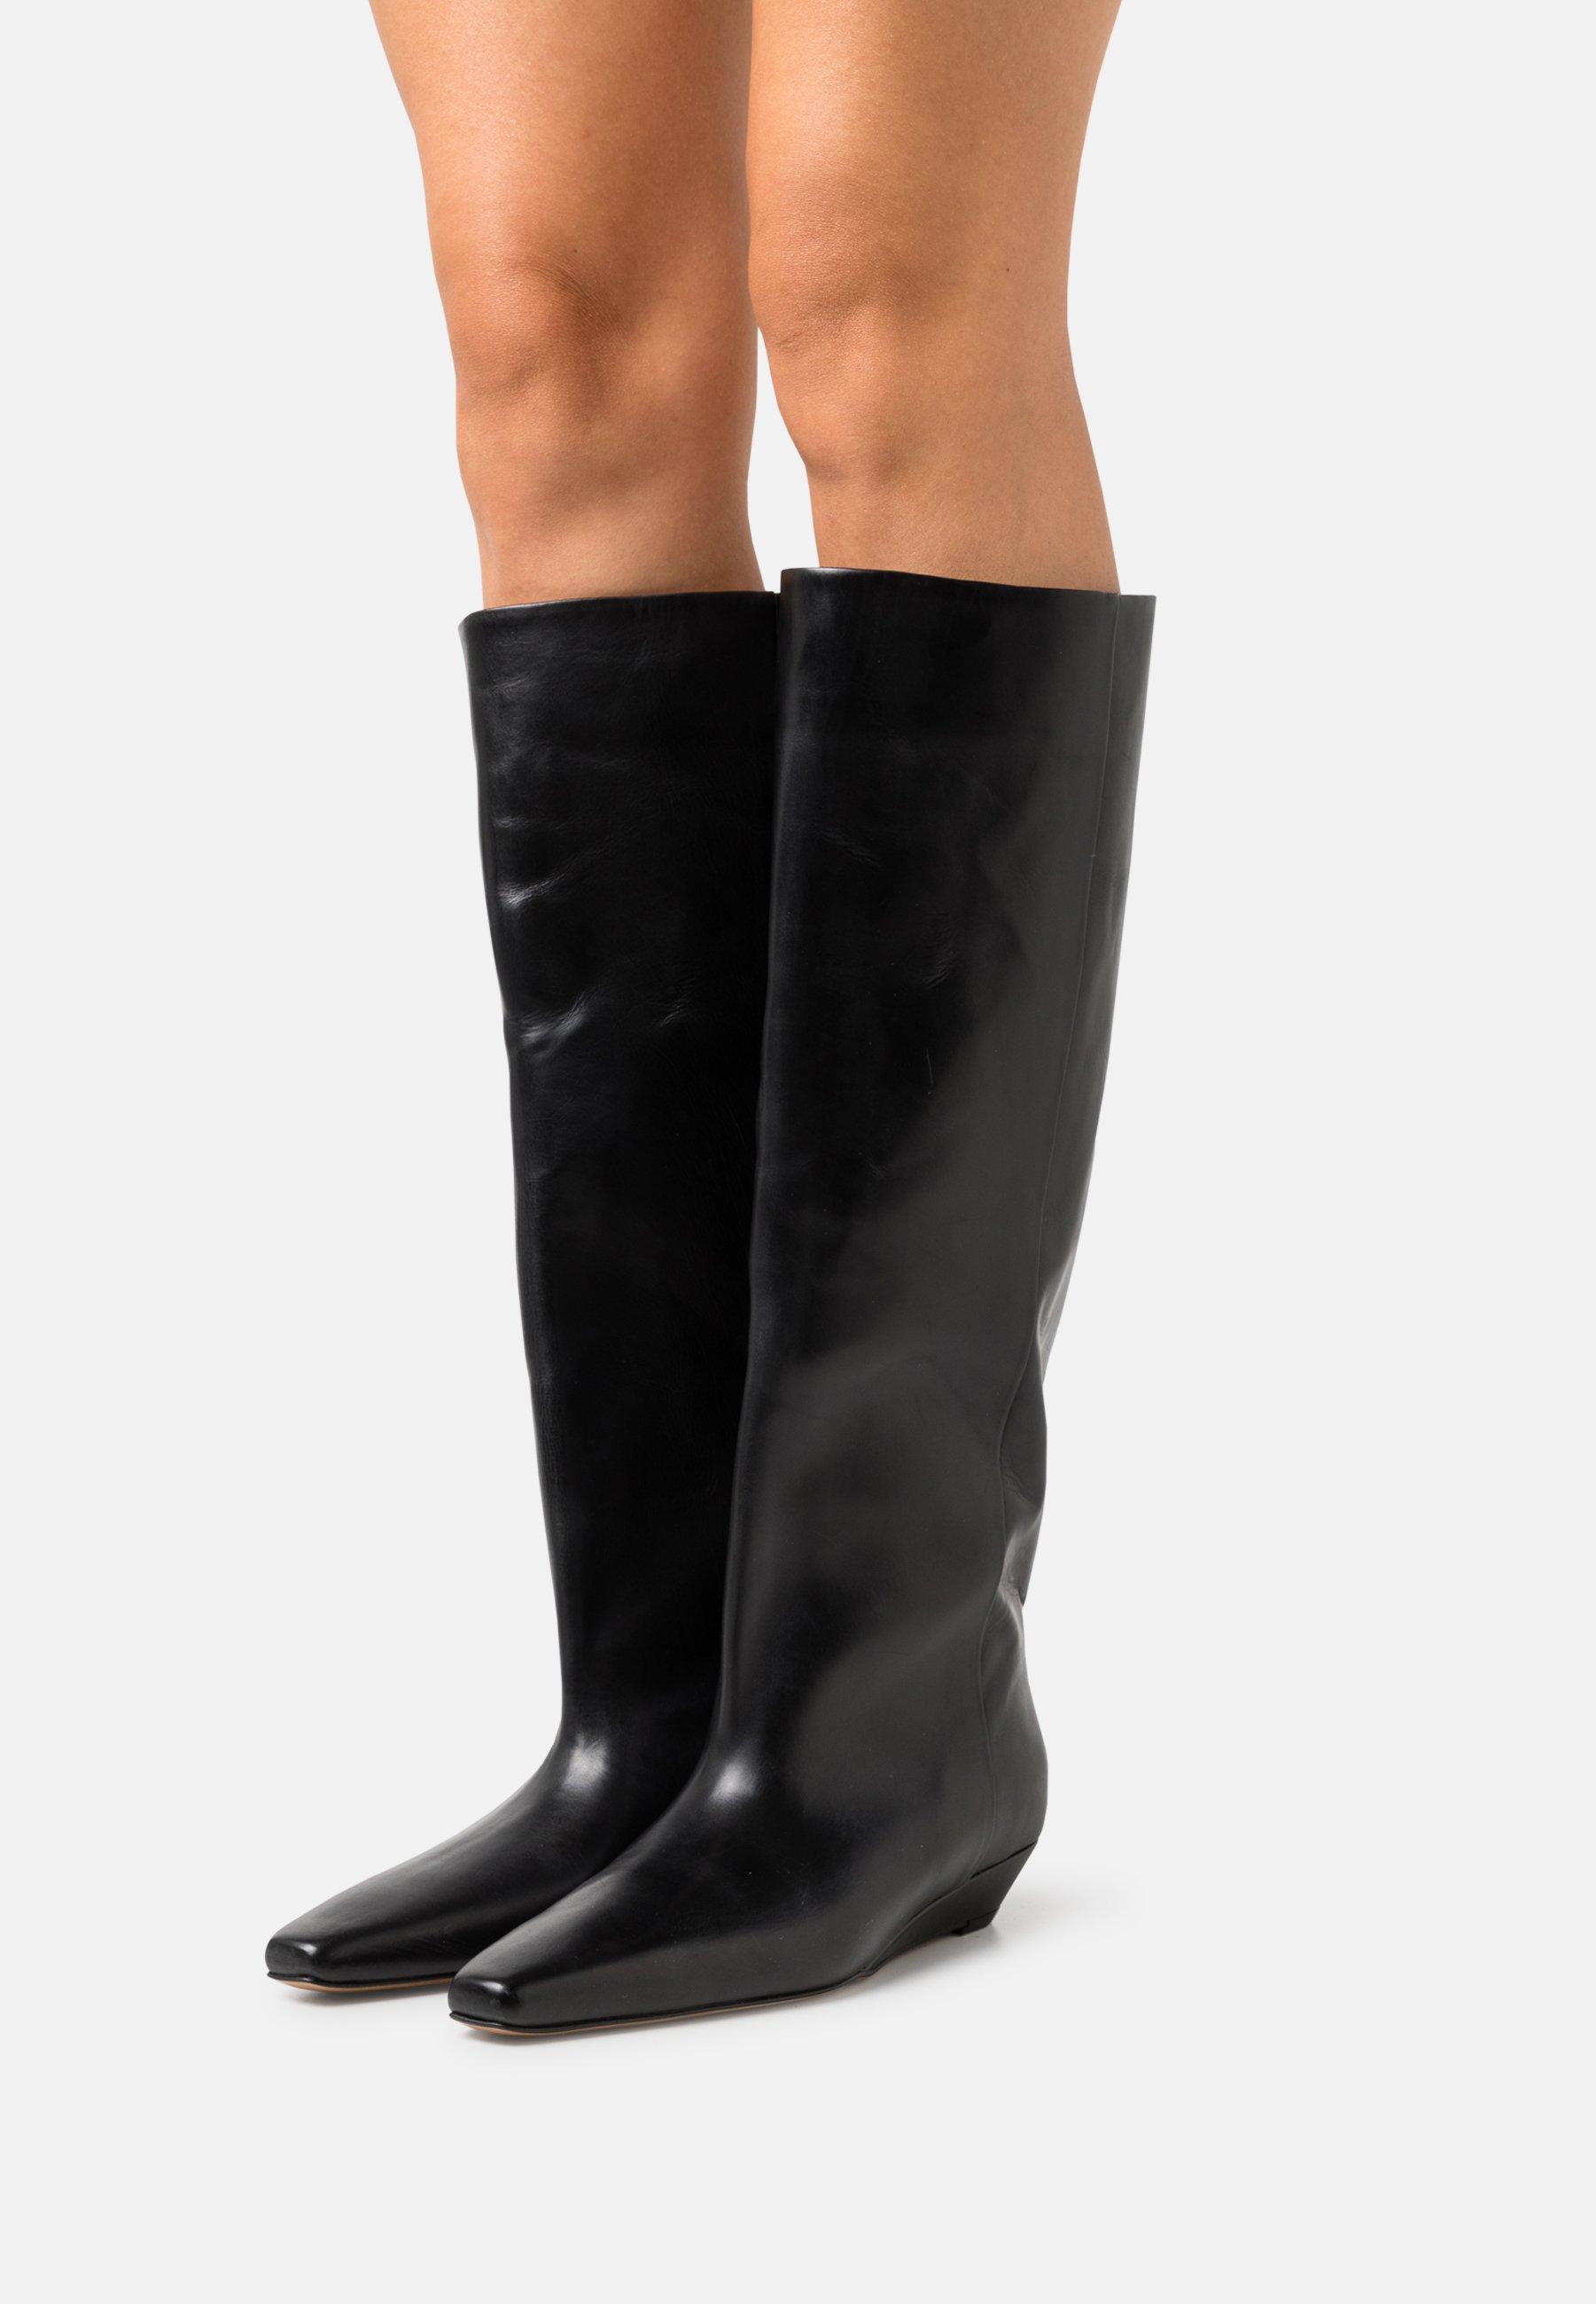 Femme MARRAKEECH HIGH BOOT  - Bottes